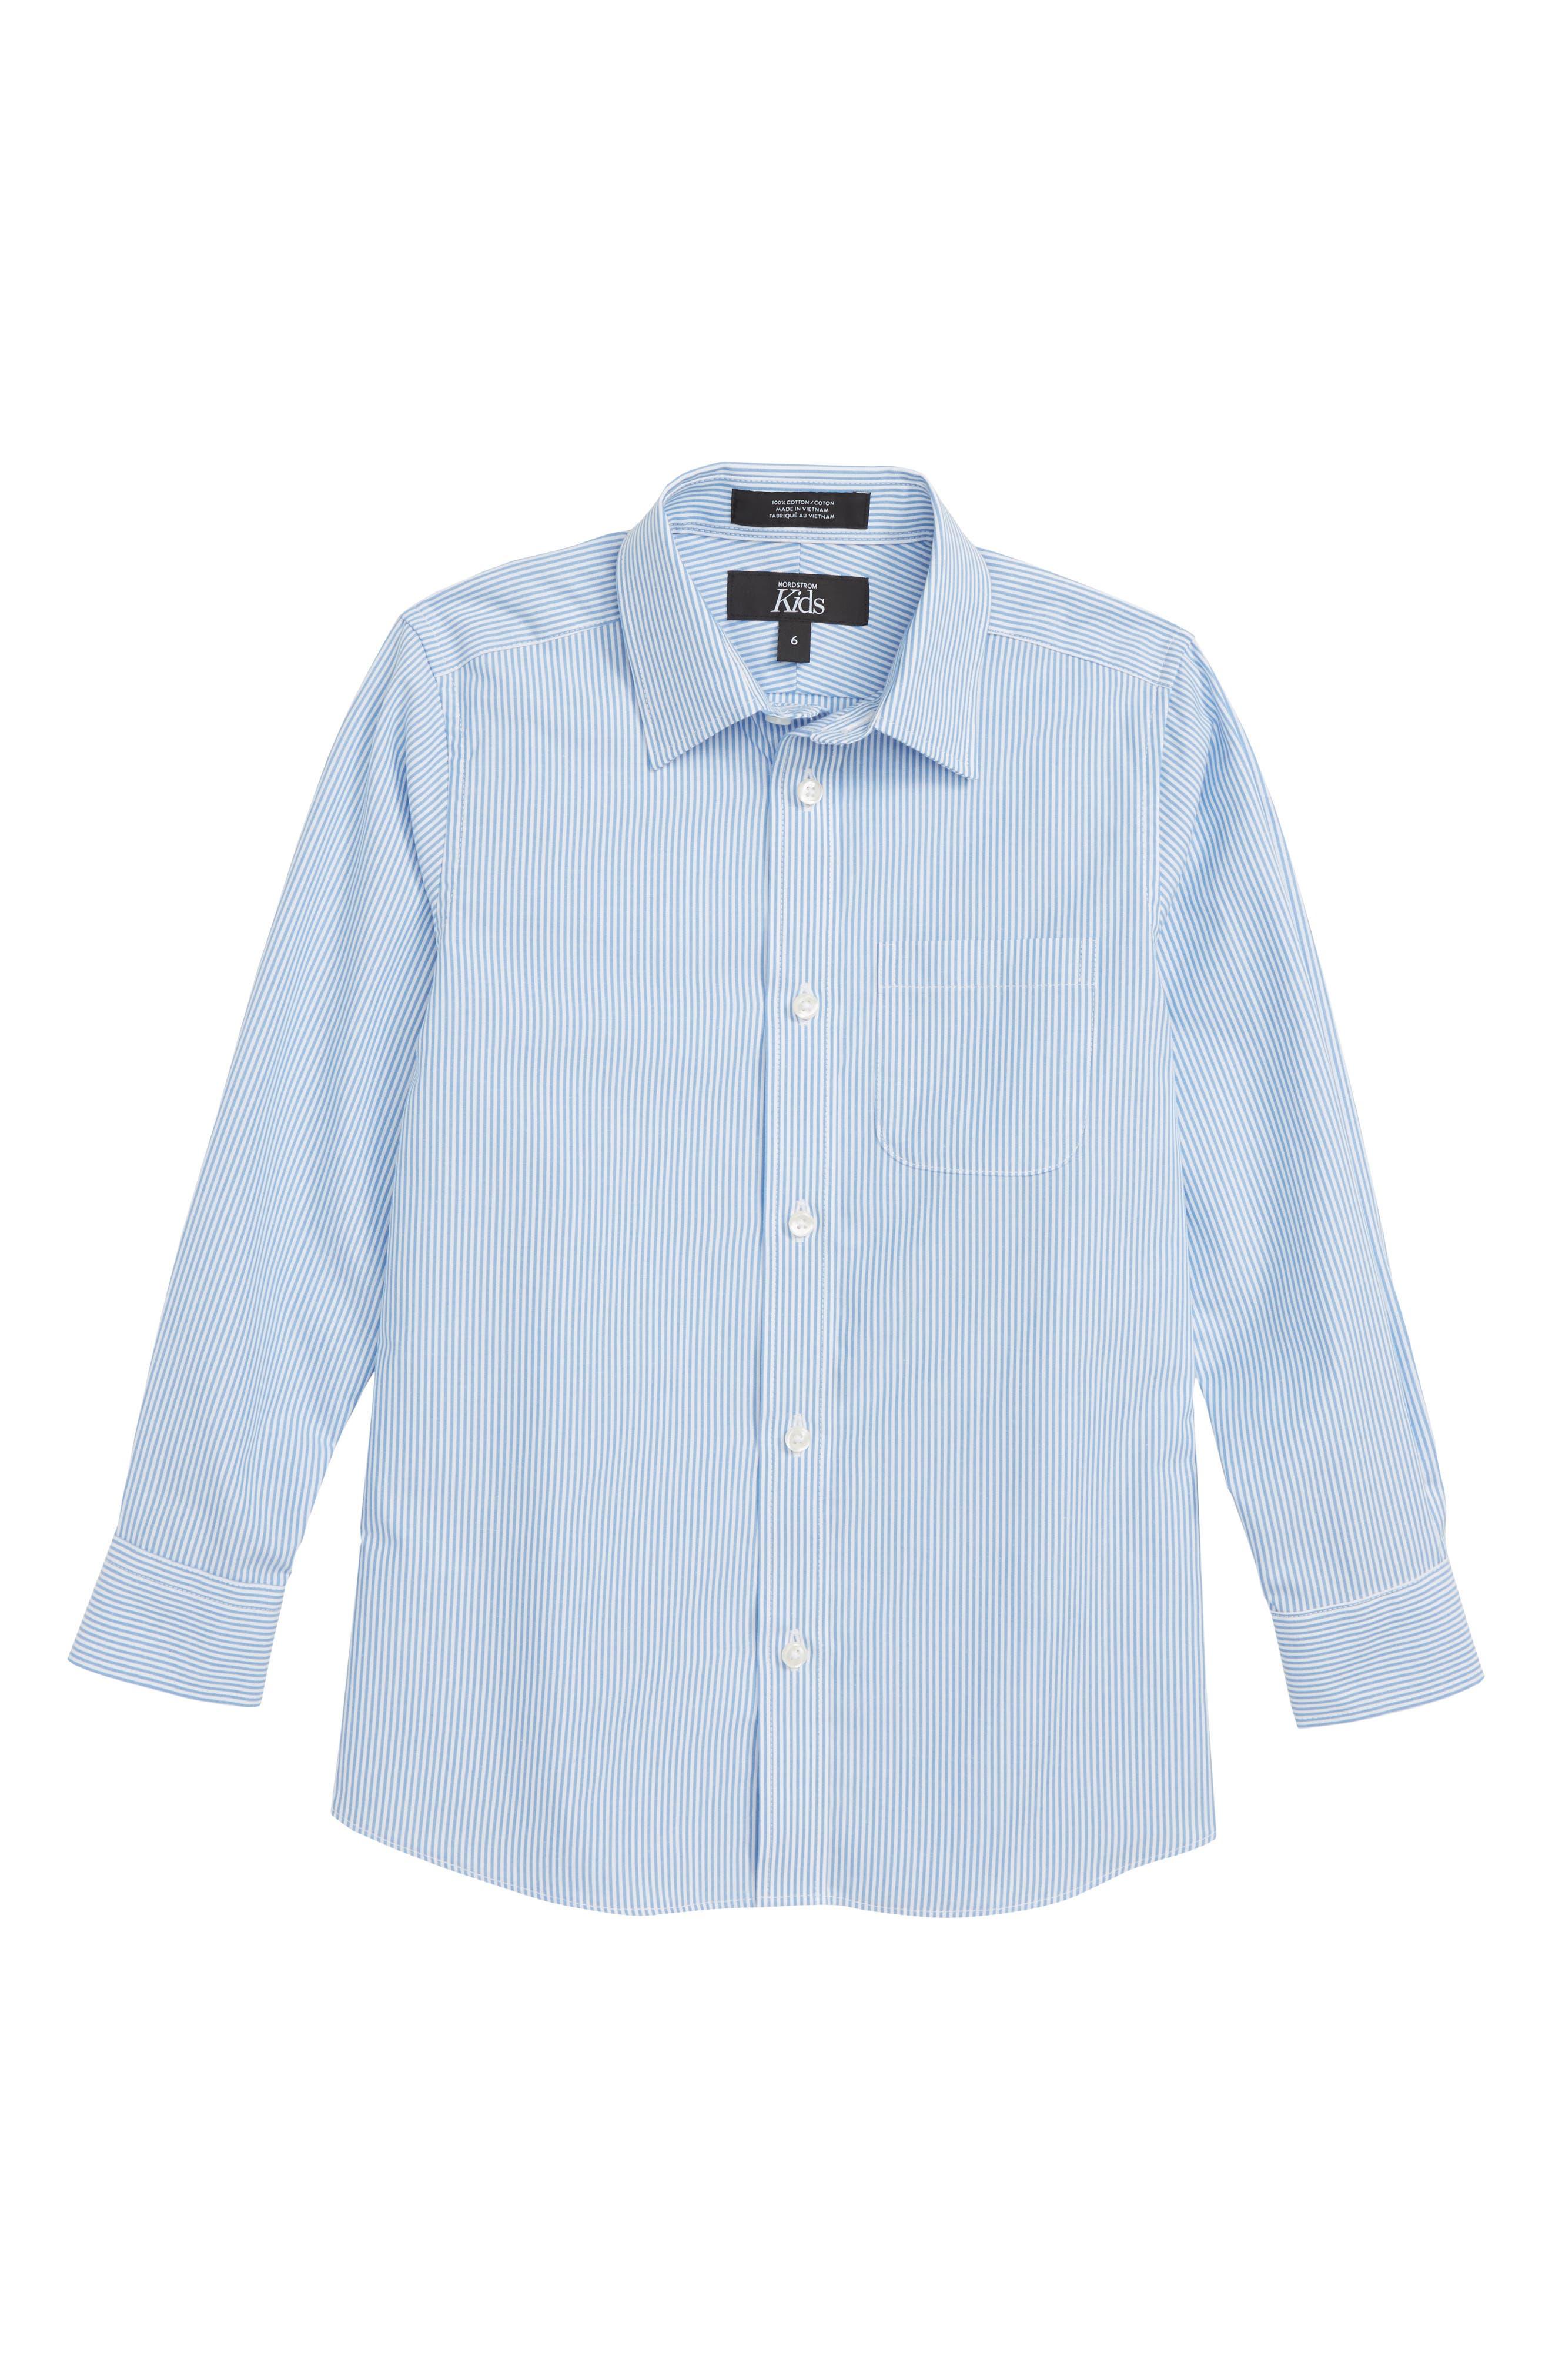 Heritage Stripe Dress Shirt,                             Main thumbnail 1, color,                             420